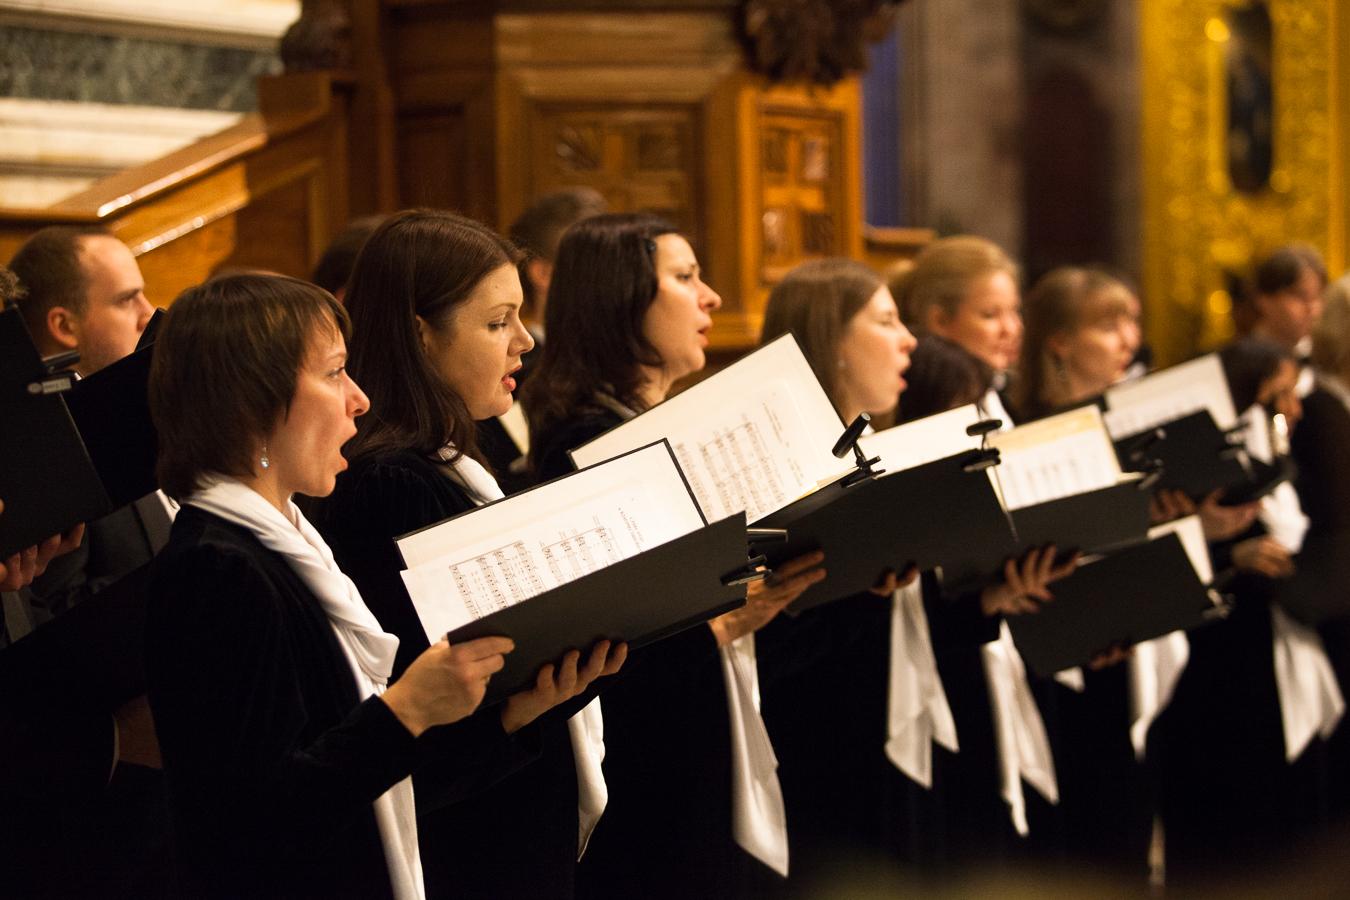 Что такое духовная музыка: отличие от светской, определение, жанры, сюжеты и образы